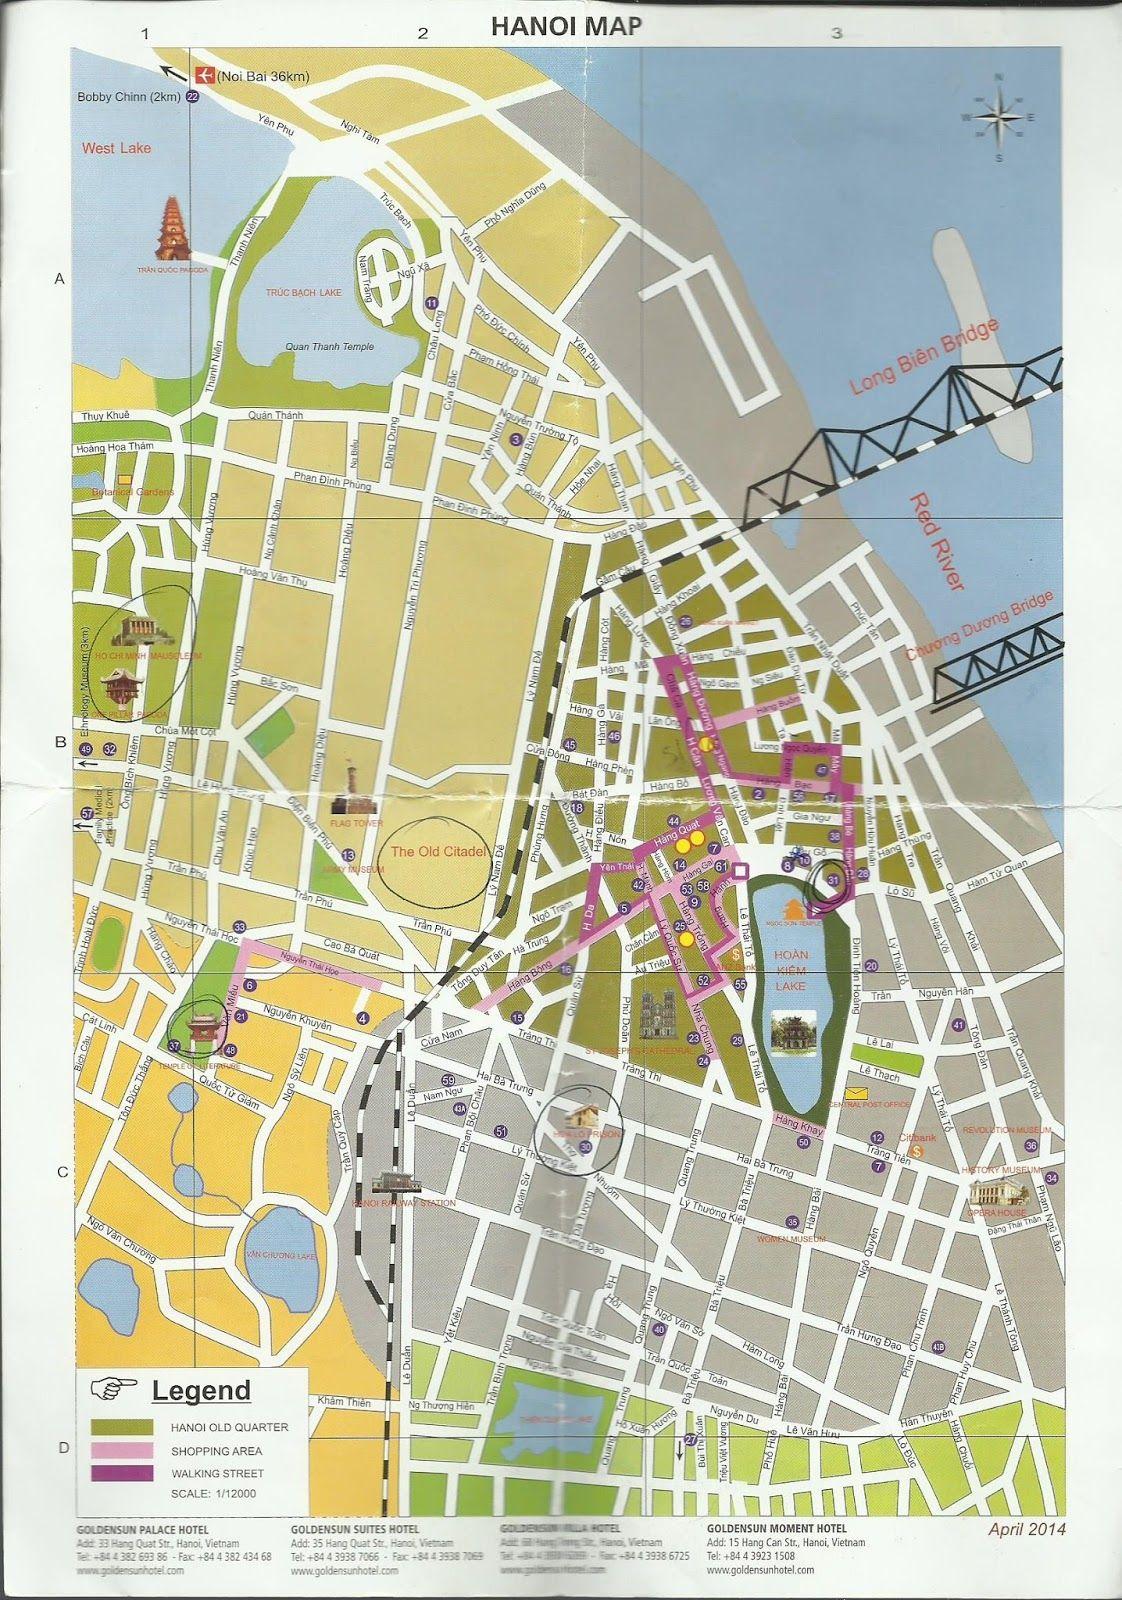 Hanoi Tourist Map | Vietnam | Hanoi, Hanoi vietnam, Vietnam